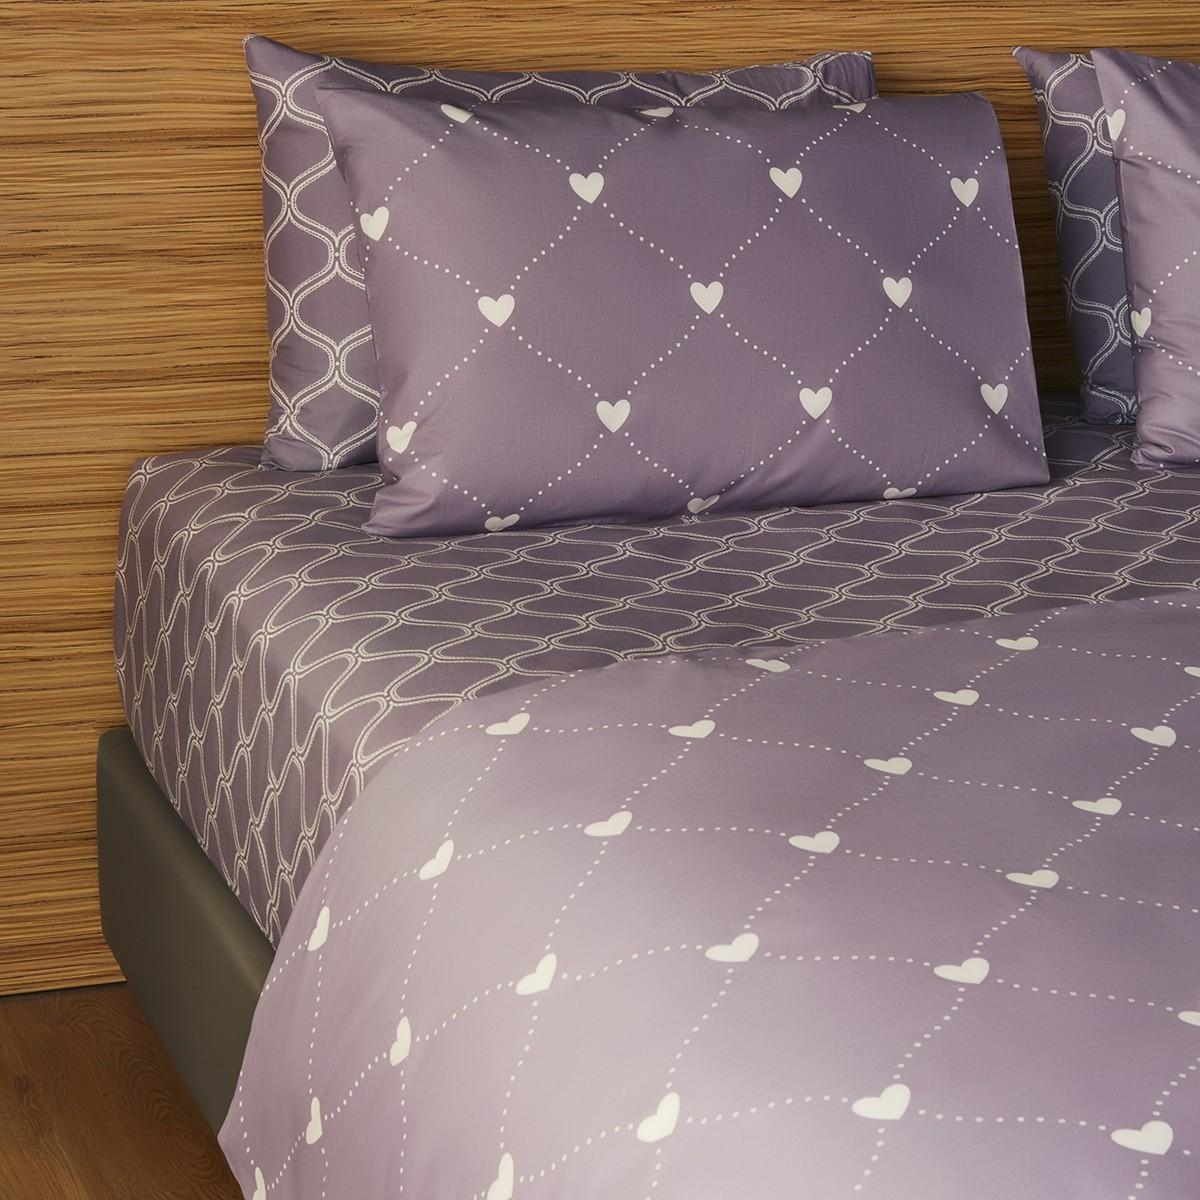 Σεντόνια King Size (Σετ) Melinen 12867 Purple